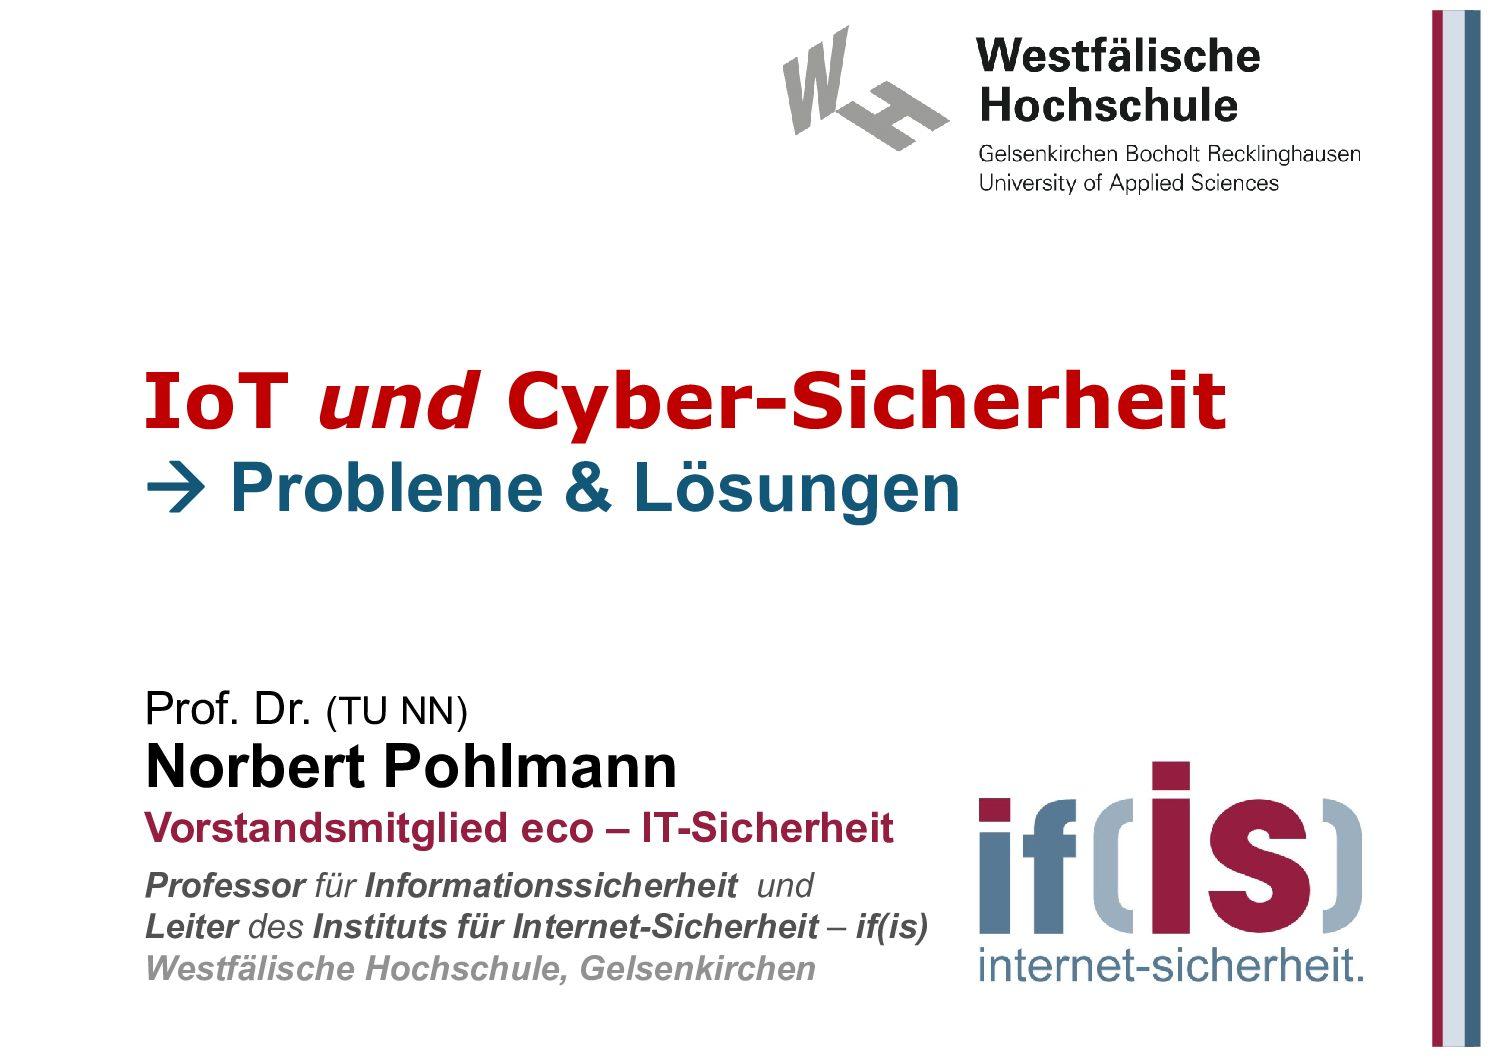 """ortrag """"IoT und Cyber-Sicherheit"""" - Themen: Entwicklung der Digitalisierung, Beispiele: Geothermische Wärme, Auto, virtuelles Labor, körpernahe Medizintechnik, Smart Home, sichere und vertrauenswürdige IoT, - Prof. Norbert Pohlmann"""